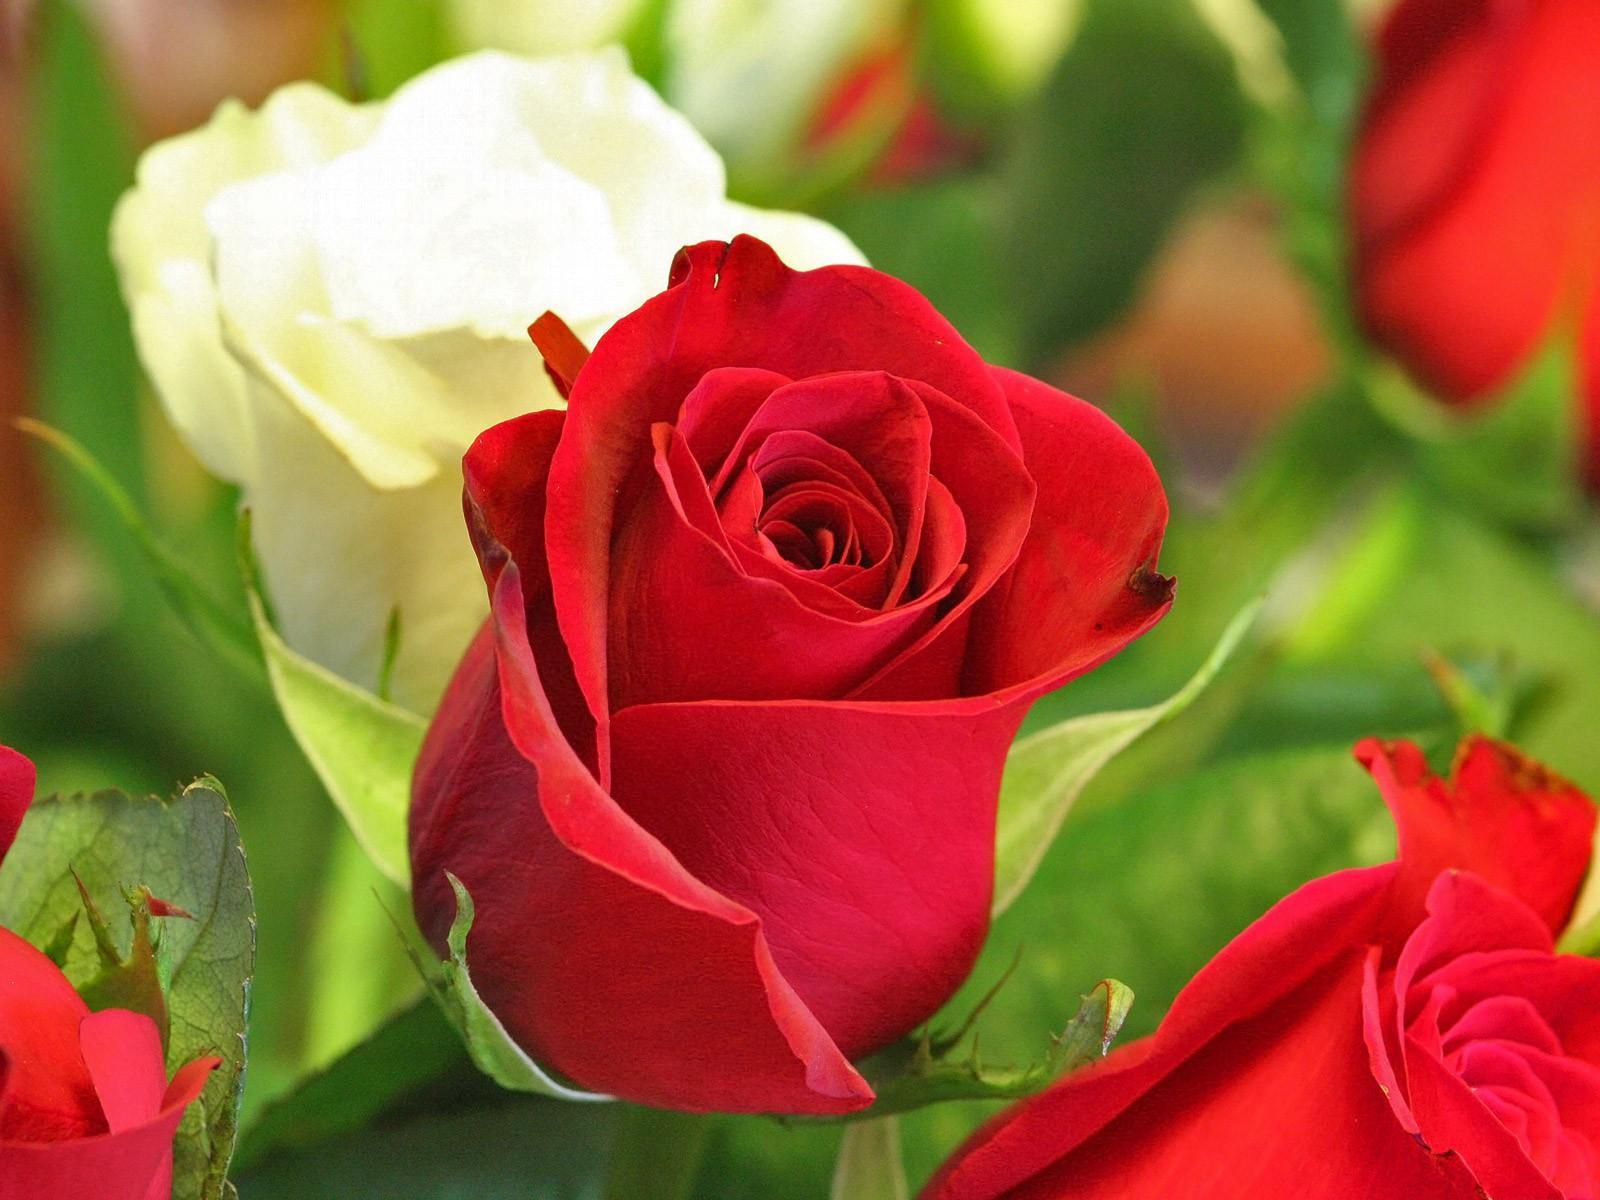 بالصور صور زهور , اجمل خلفيات الورد 3736 2